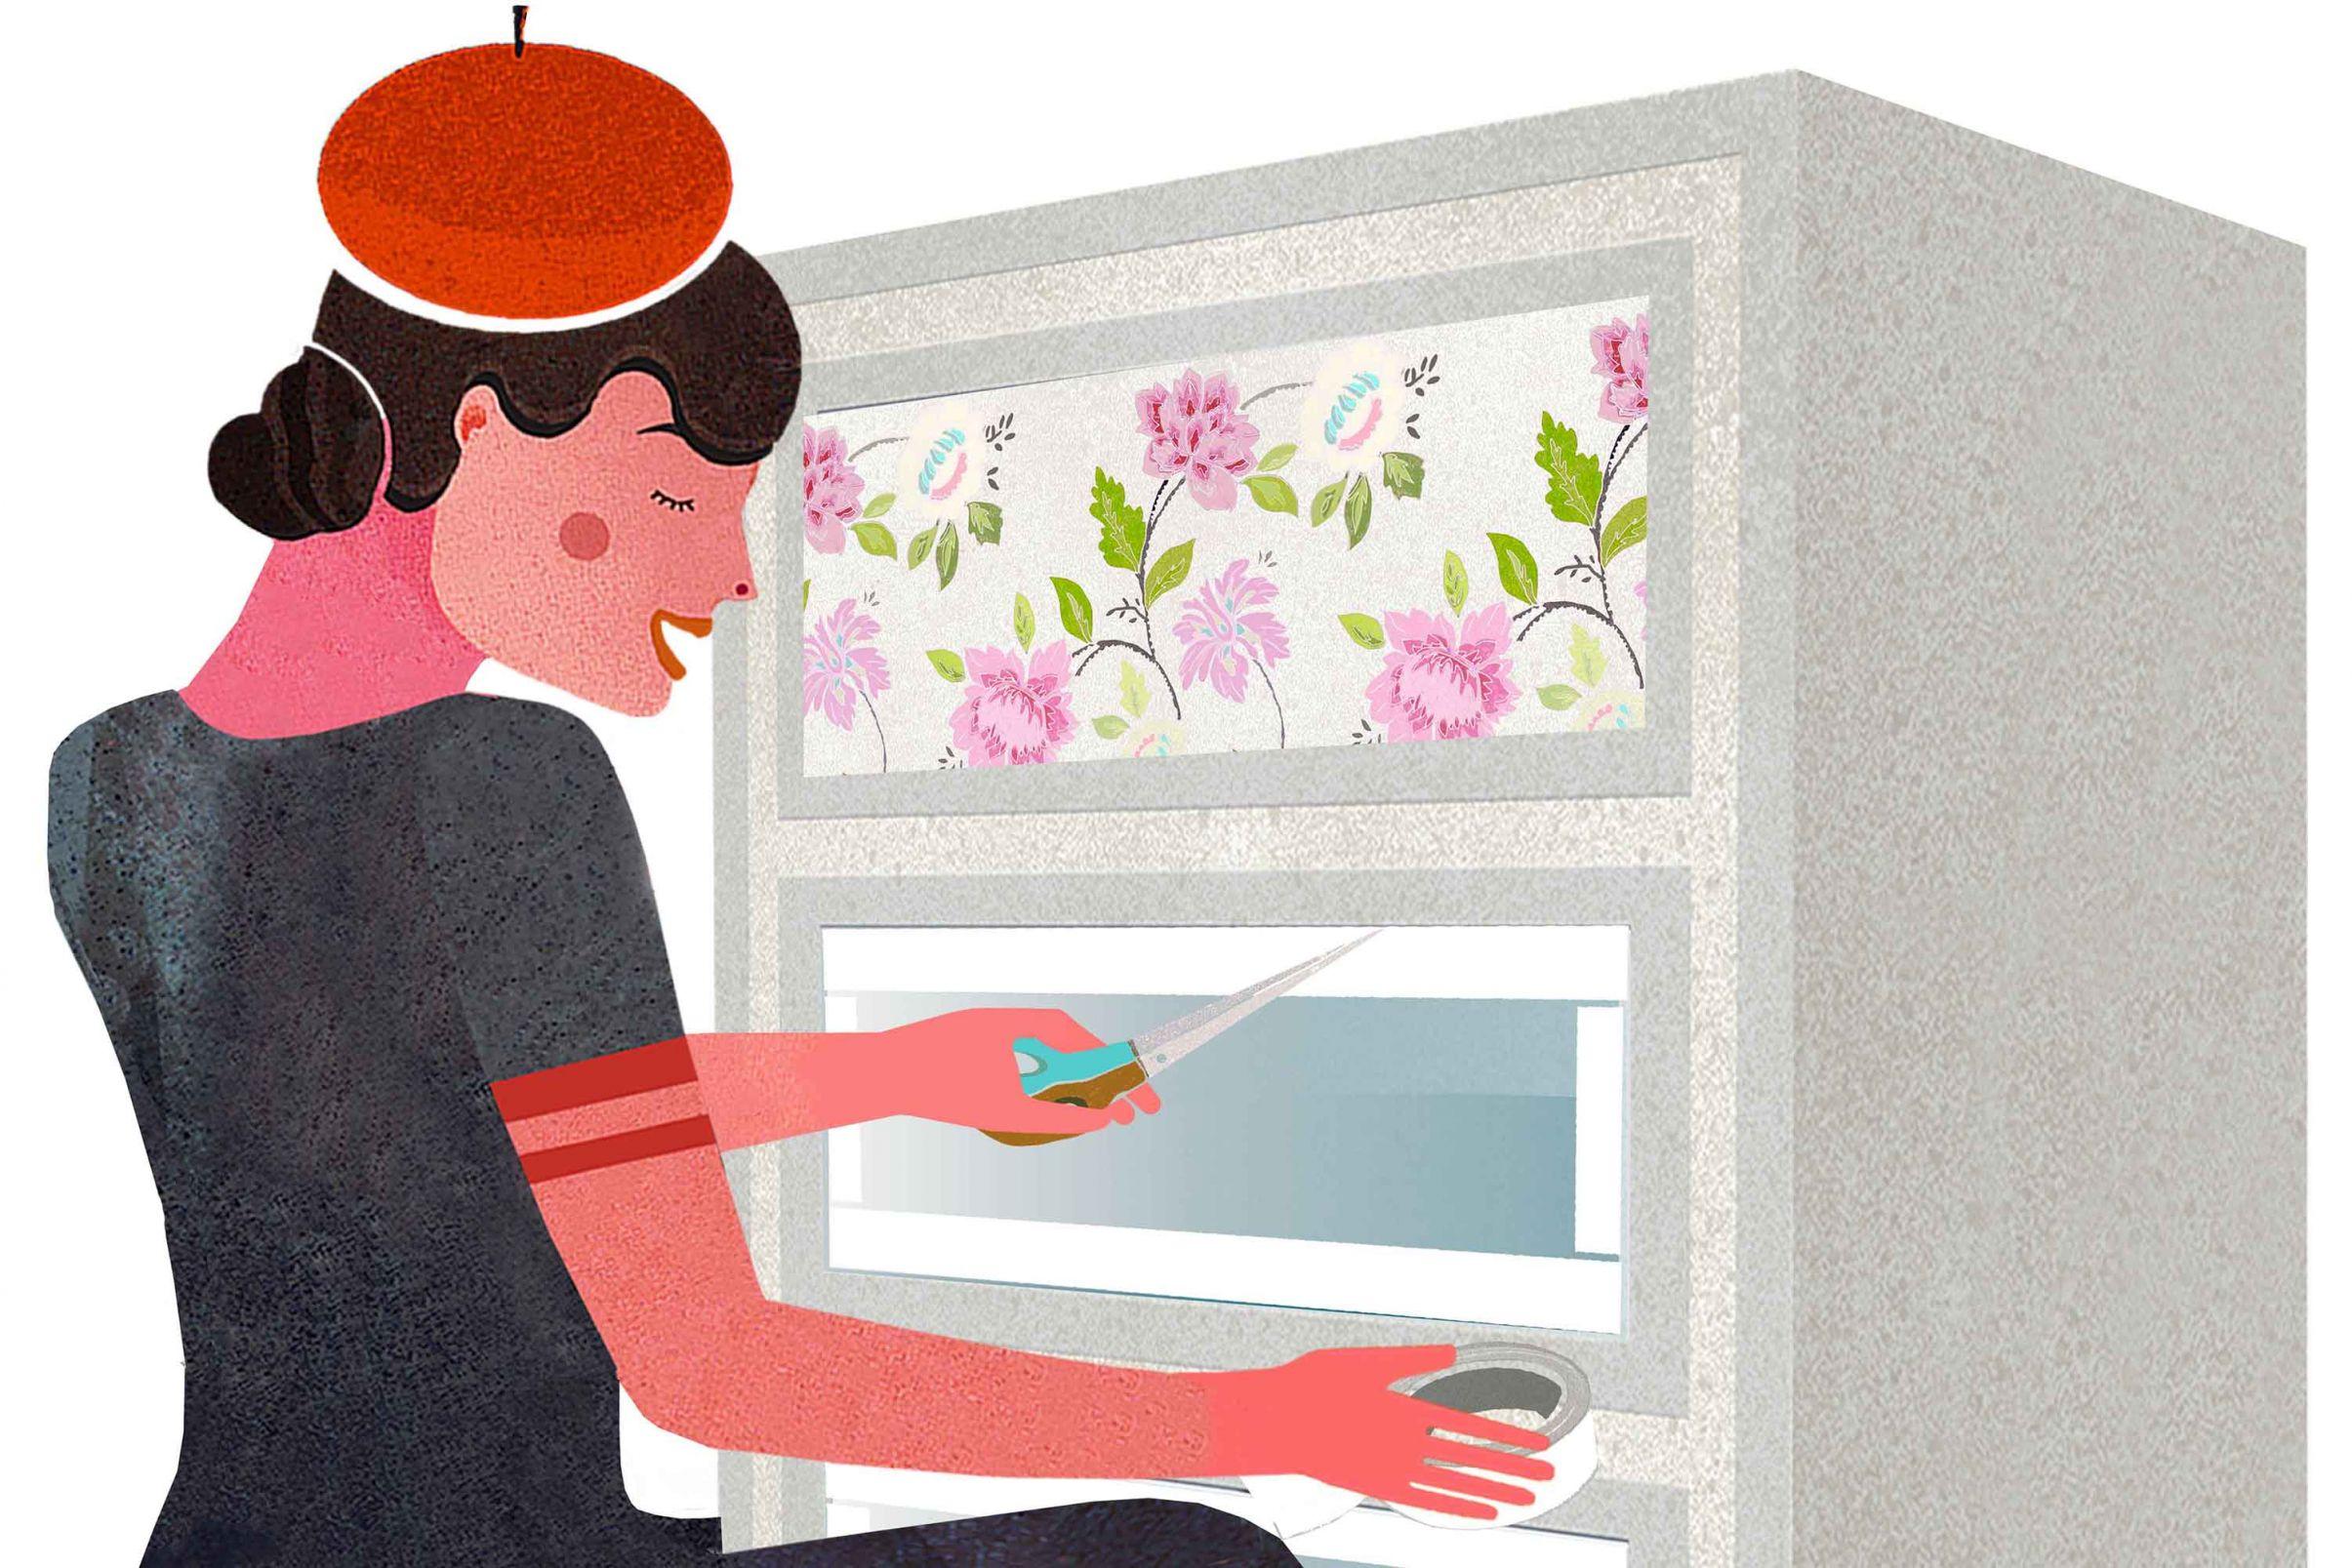 Comment-decorere-des-meubles-avec-du-papier peint-Pour-les-surfaces-en-verre-utiliser-du-ruban-adhesif-double-face